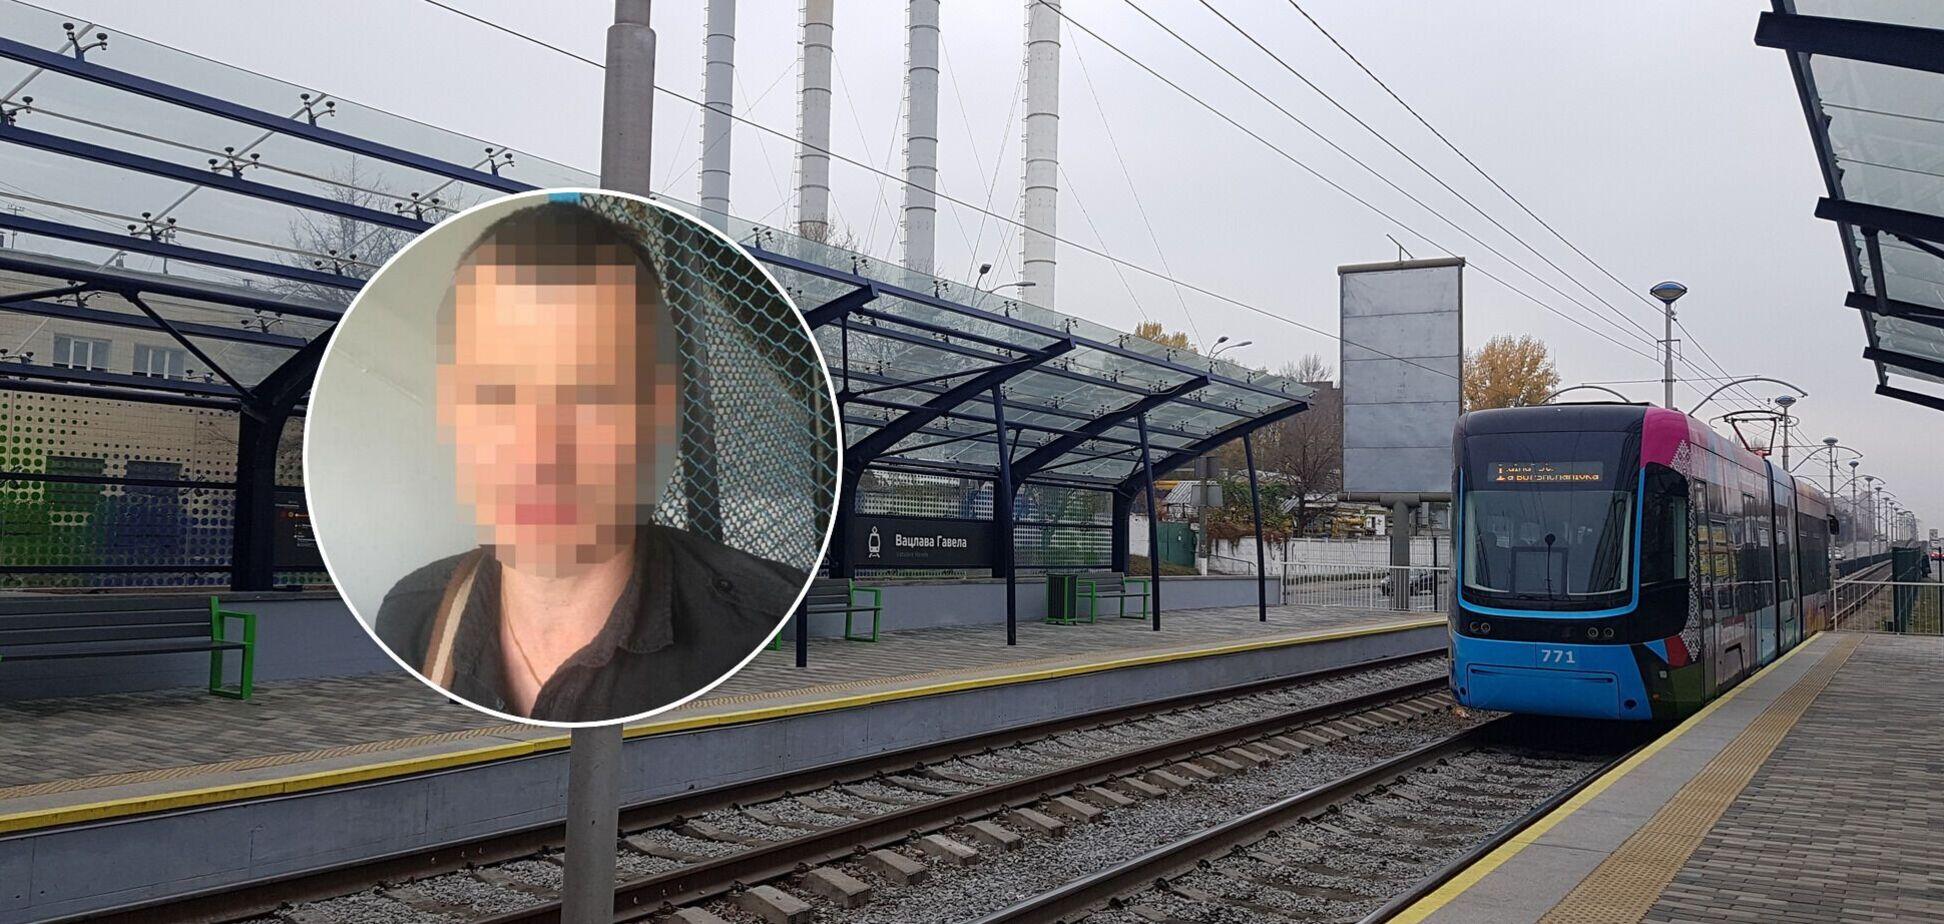 В Киеве мужчина до смерти избил товарища из-за женщины. Фото